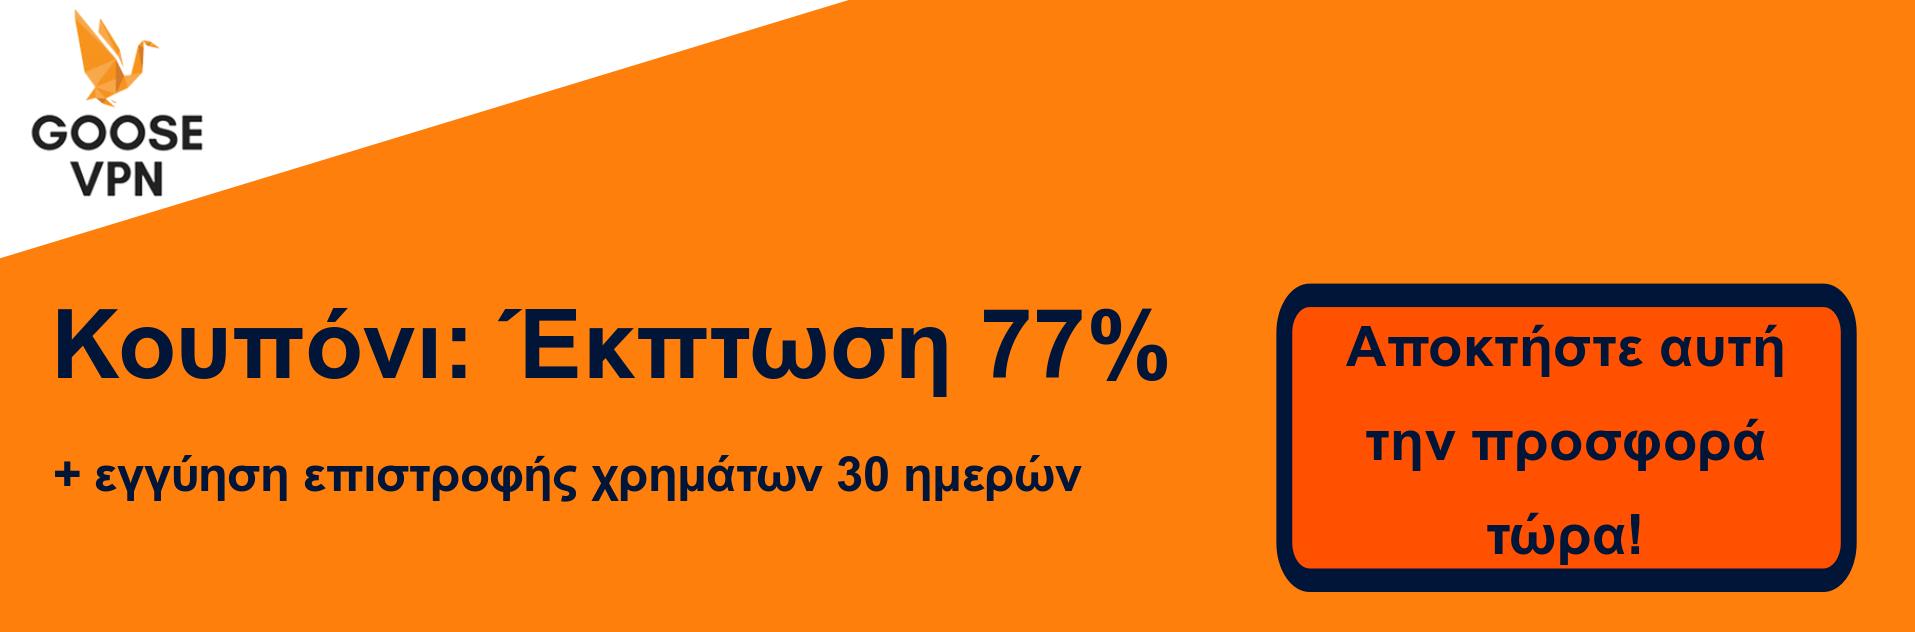 Πανό κουπονιού GooseVPN - Έκπτωση 77%